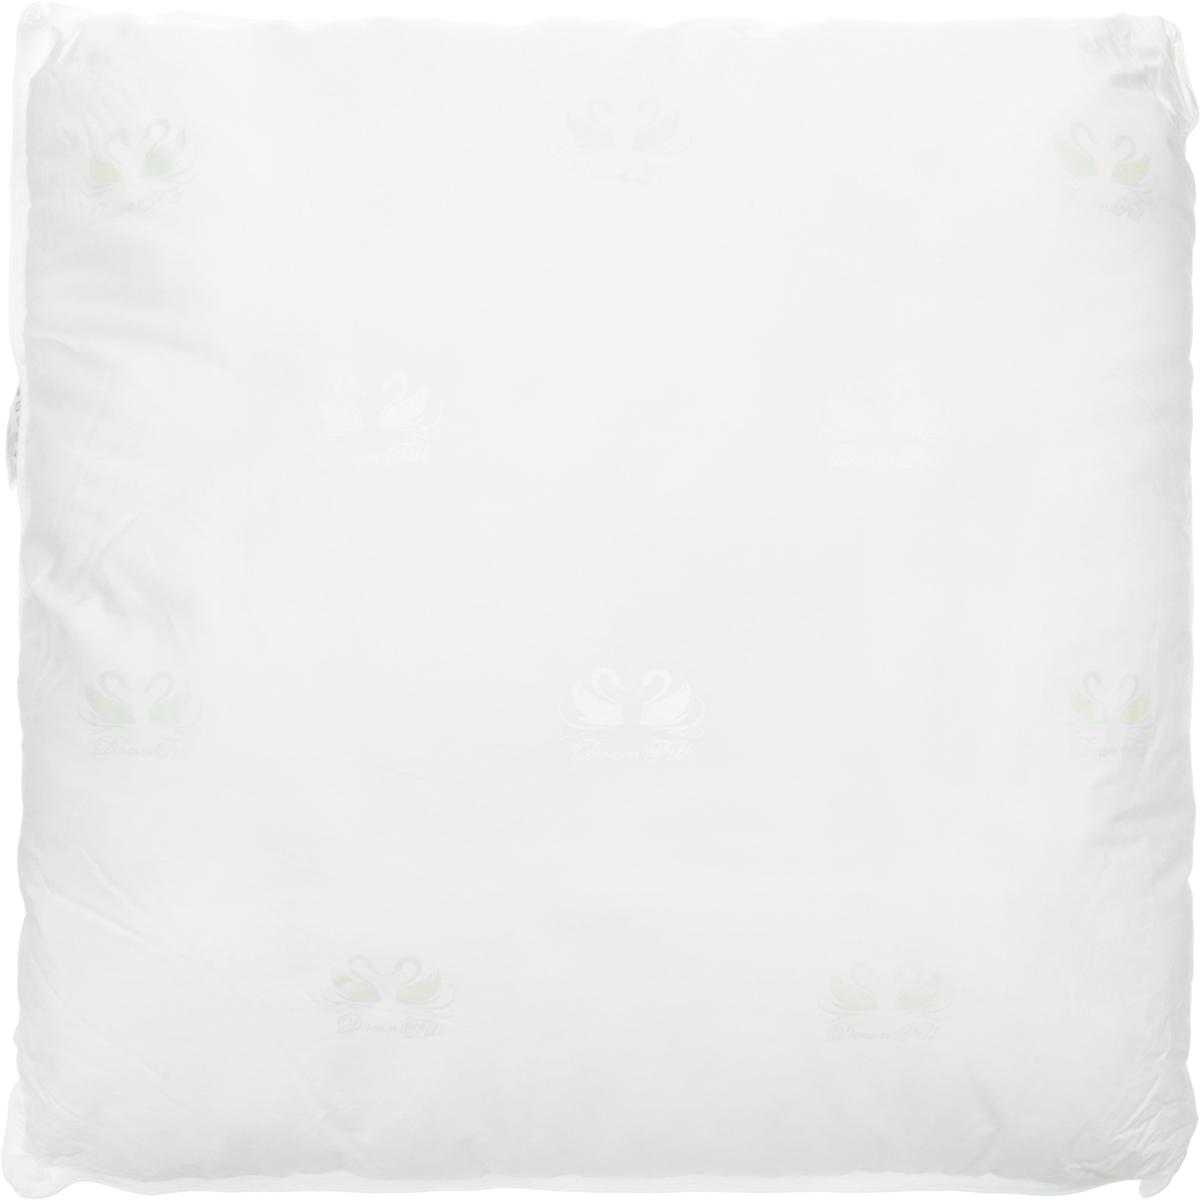 Подушка Ecotex Лебяжий пух - Премиум, наполнитель: пух, полиэстер, 68 х 68 см подушка ecotex эдда наполнитель пух 68 х 68 см